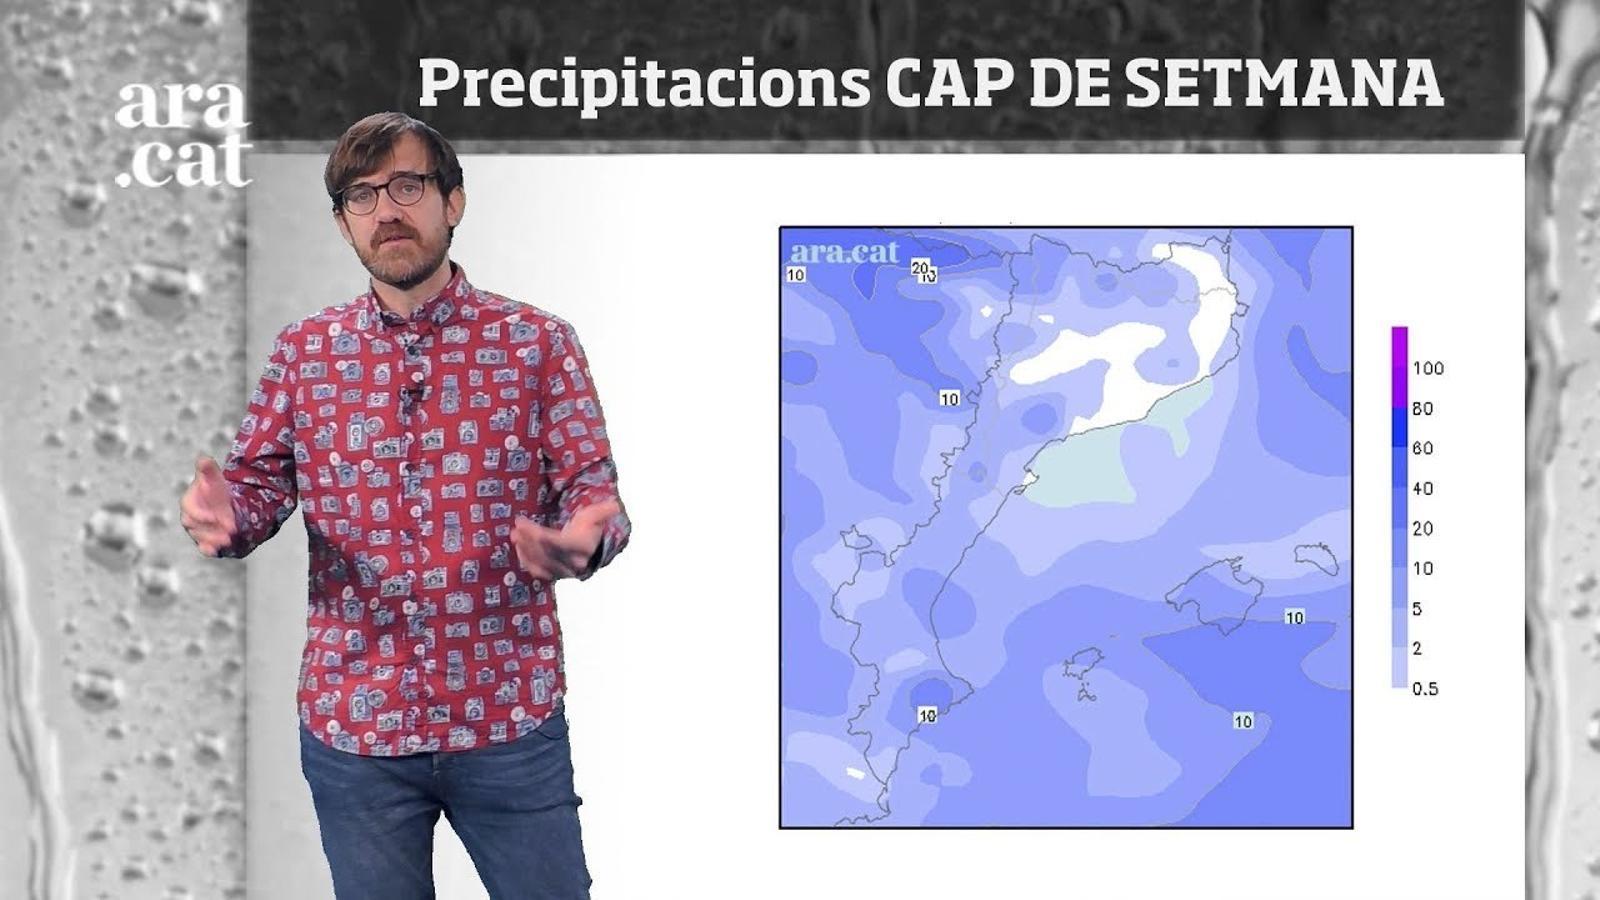 Méteo especial: ruixats, neu i retorn a l'ambient de ple hivern